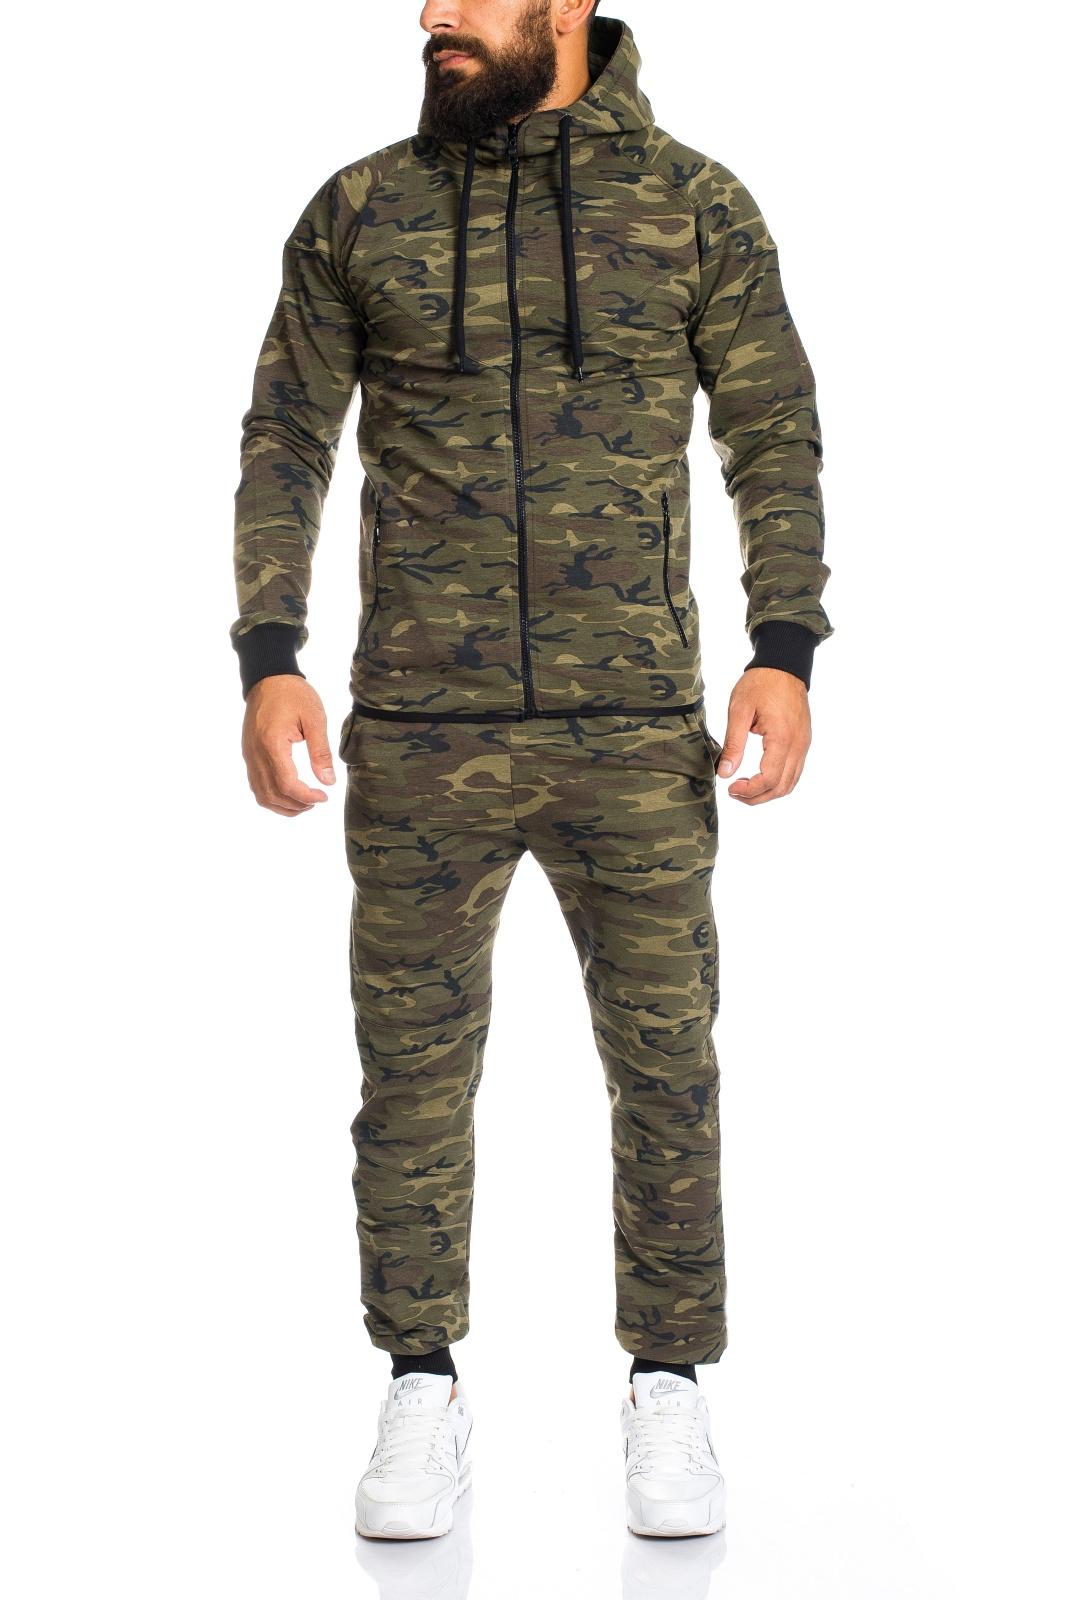 men 39 s camouflage army jogging suit jogging pants jacket. Black Bedroom Furniture Sets. Home Design Ideas